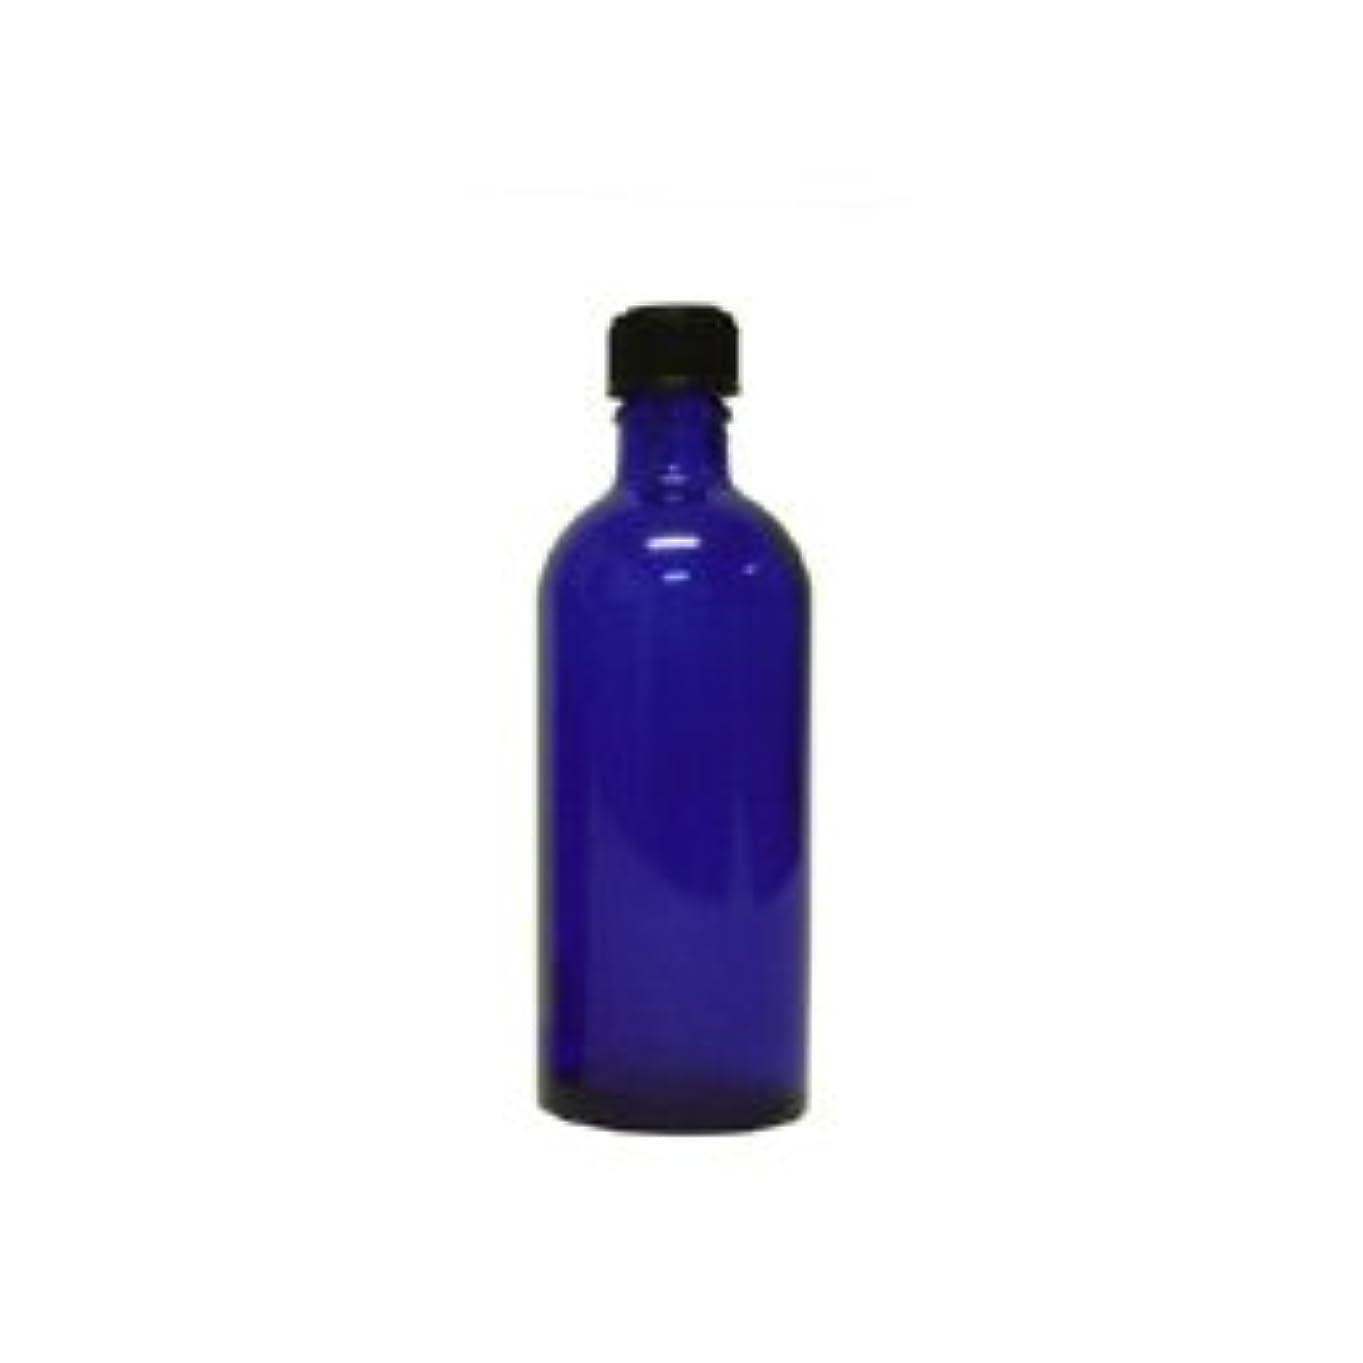 傾向があります暴露する強化する青色遮光ビン 100ml (ドロッパー付)